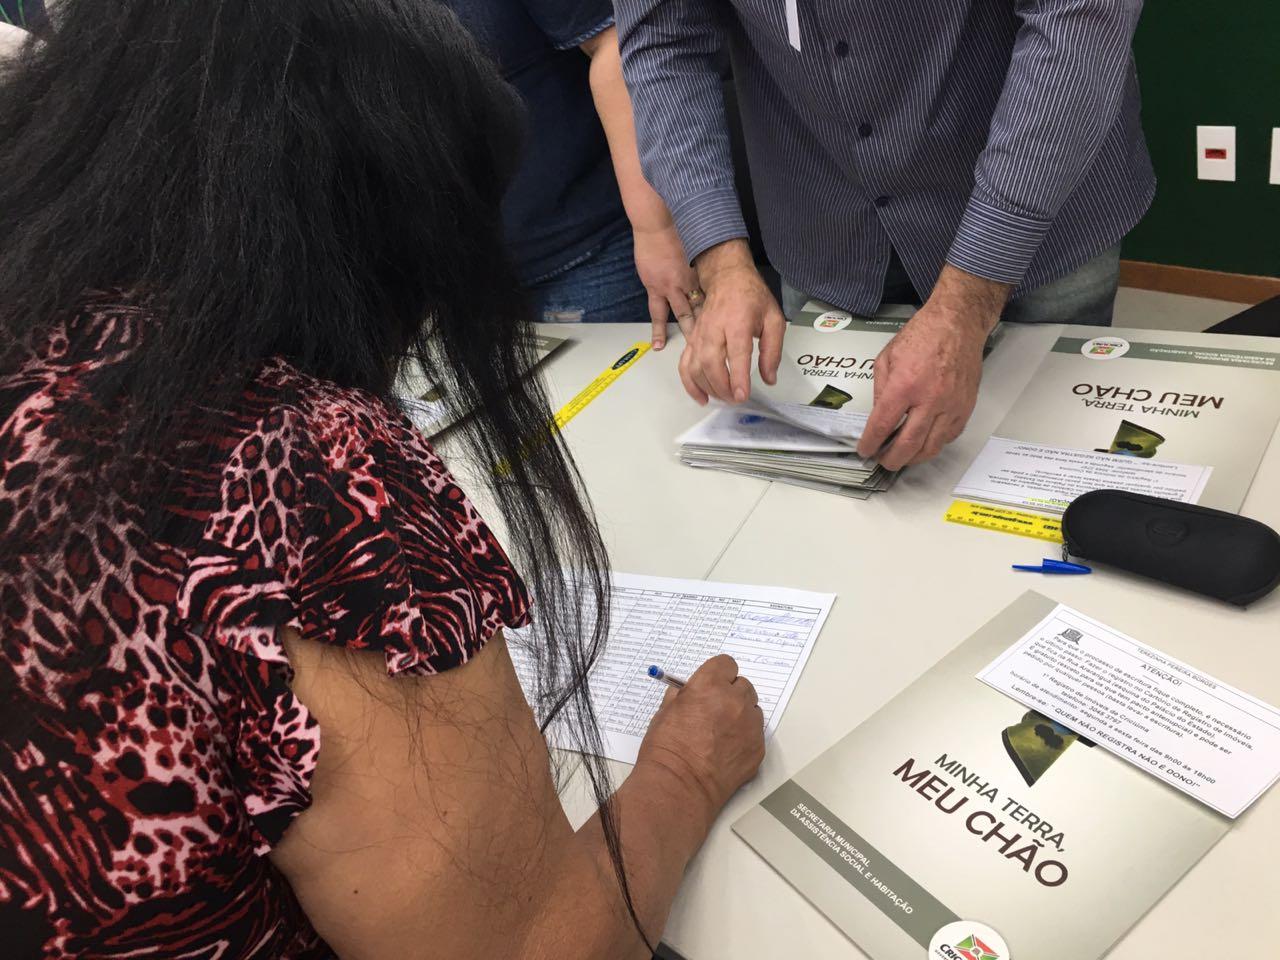 Assistência Social realiza entrega de 72 escrituras de imóveis em Criciúma